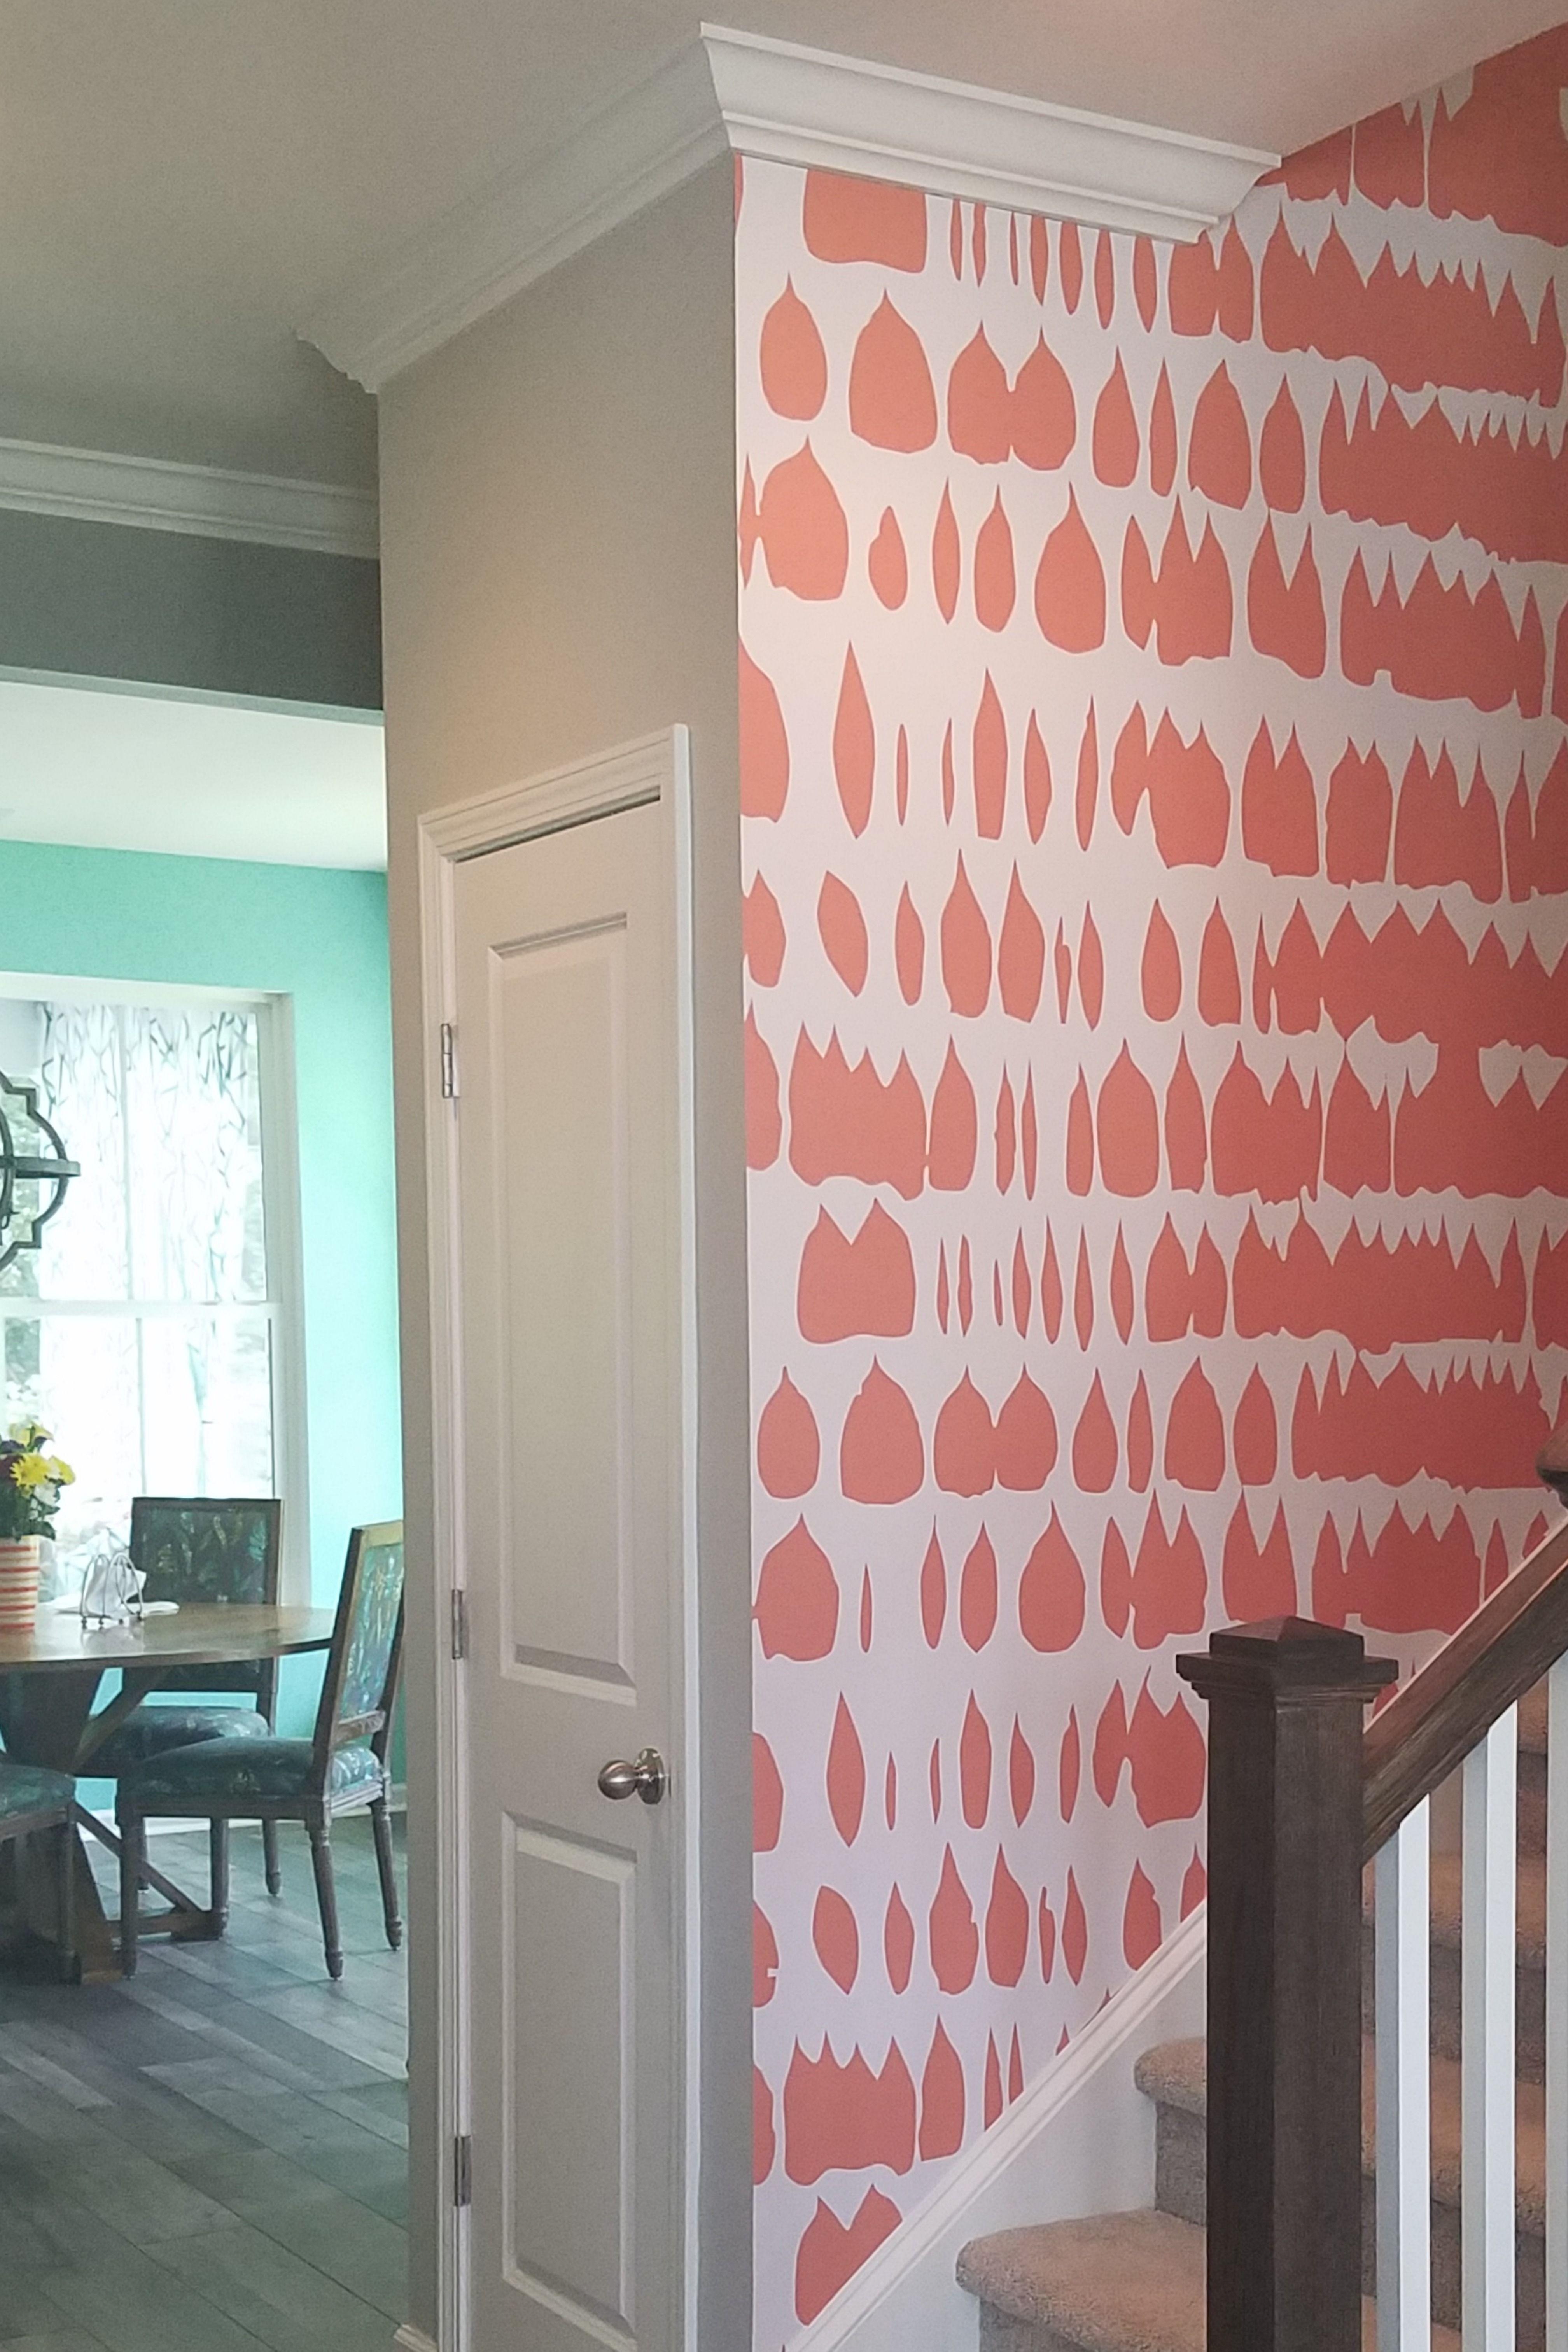 Queen Of Charleston Peel Stick Wallpaper Peel And Stick Wallpaper Removable Wallpaper Wall Coverings